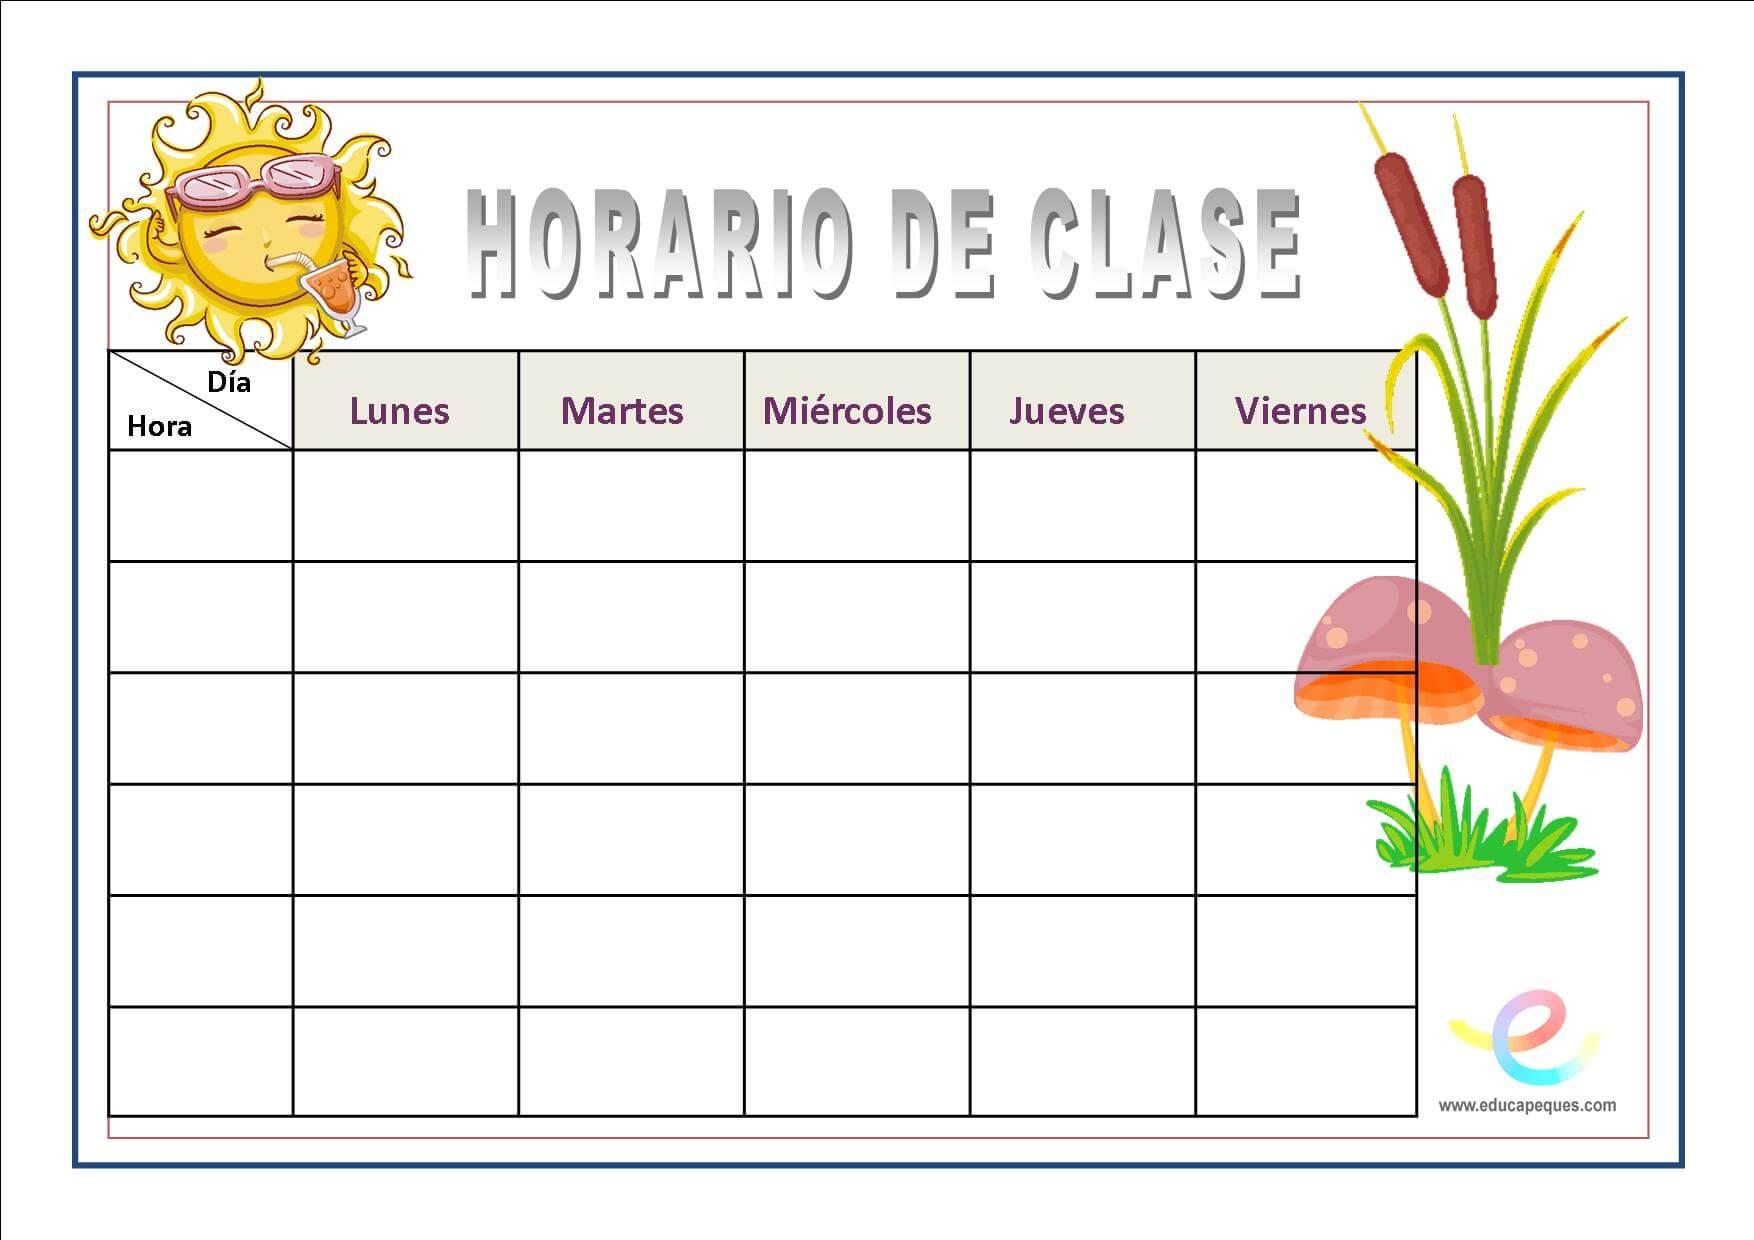 Imagenes De Horarios De Clases Decorados